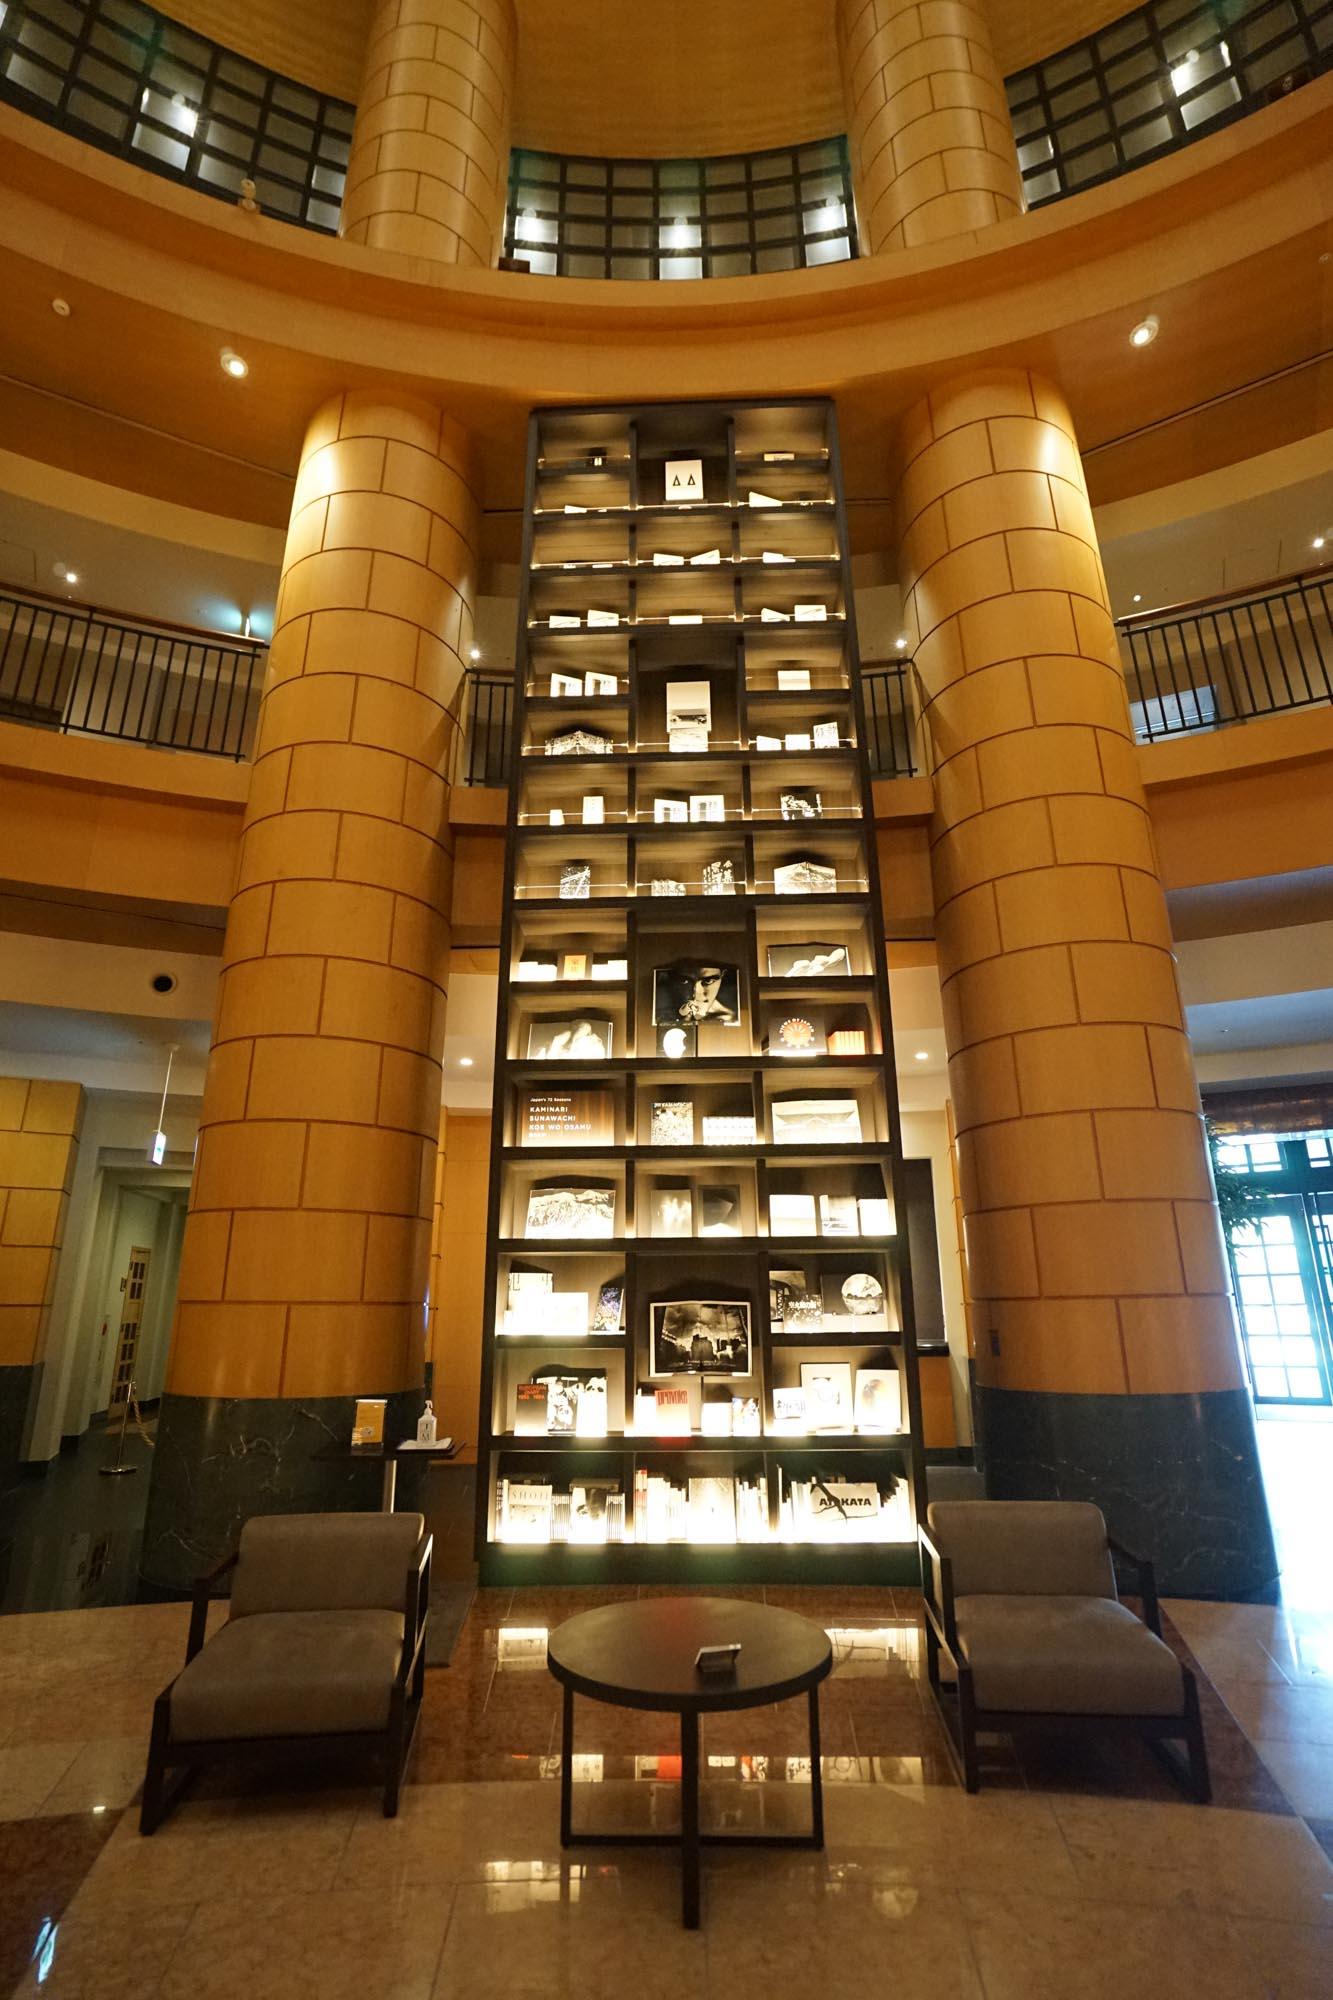 新たに設置された6つの書架に、5,000冊もの本が収められ、荘厳な図書館を思わせる空間に。